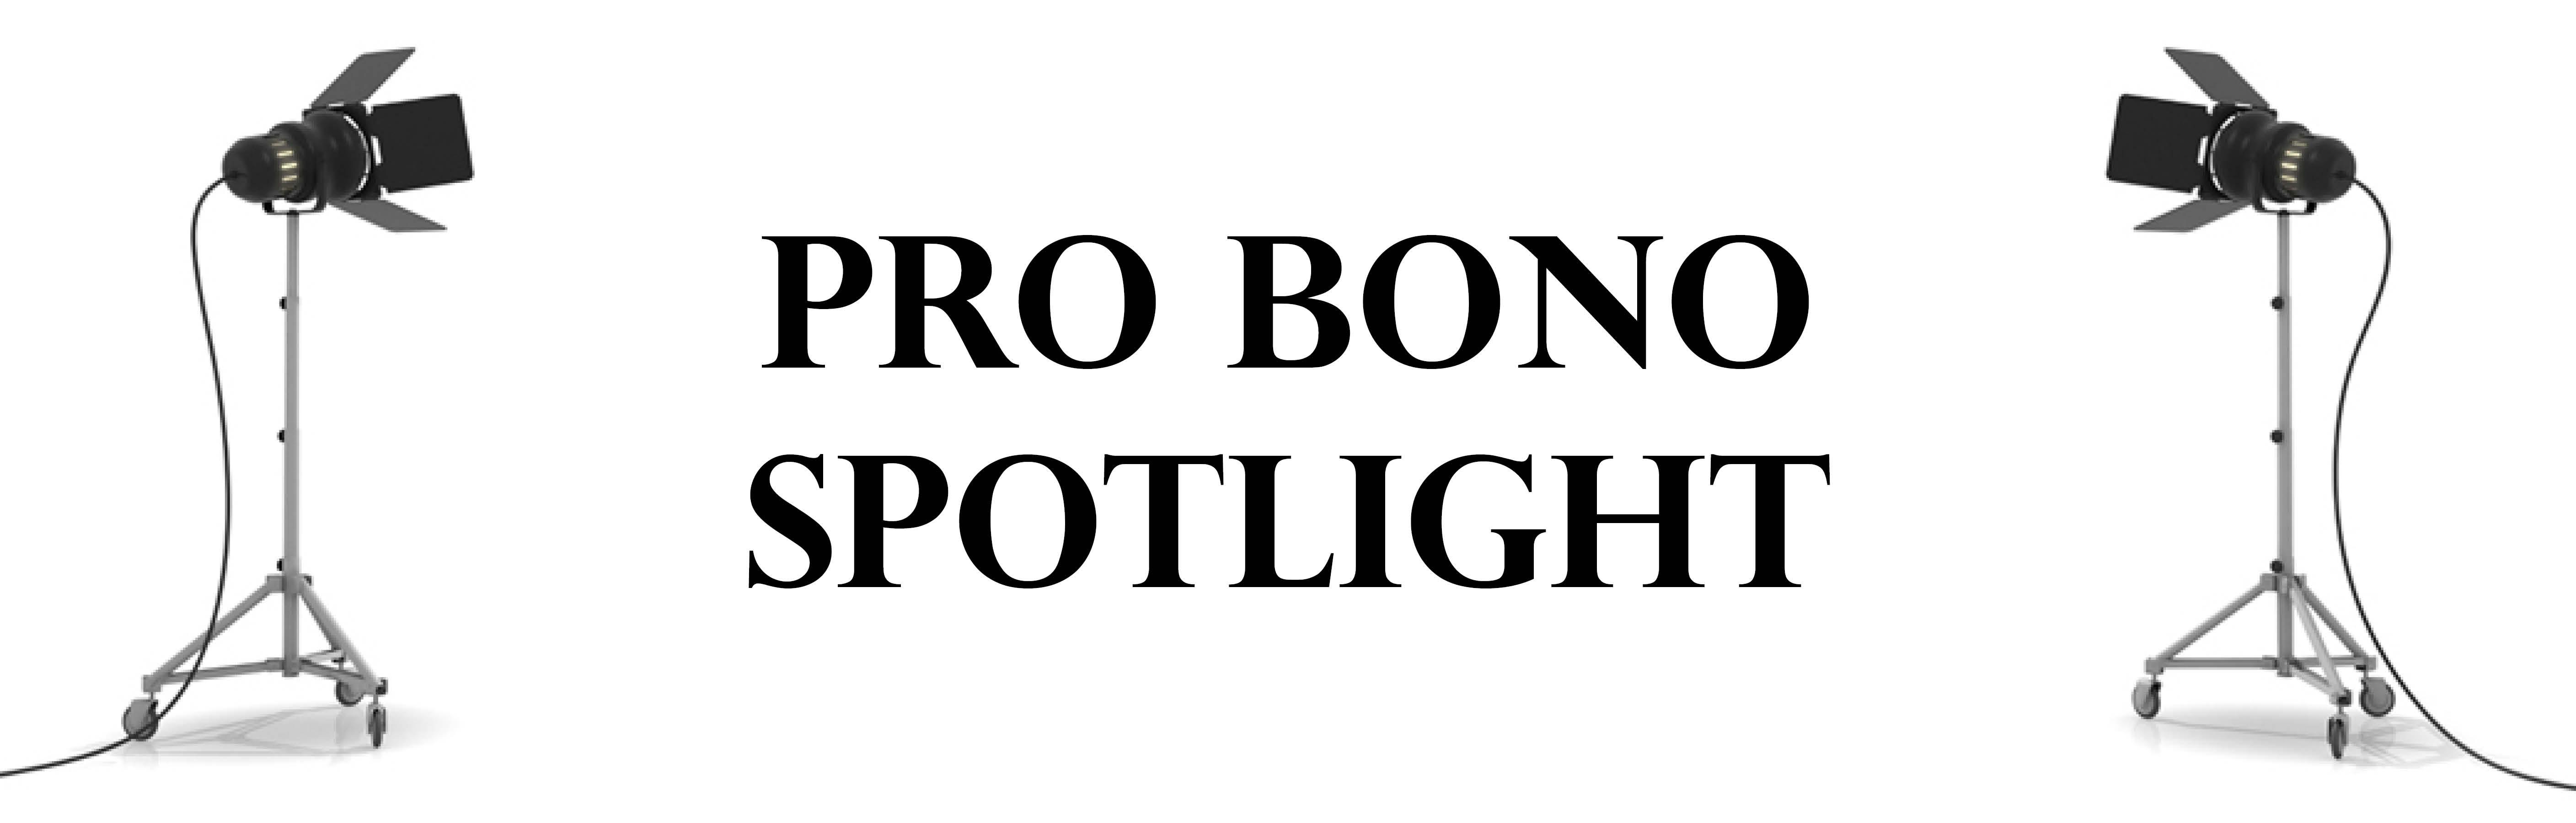 Pro Bono SPotlight